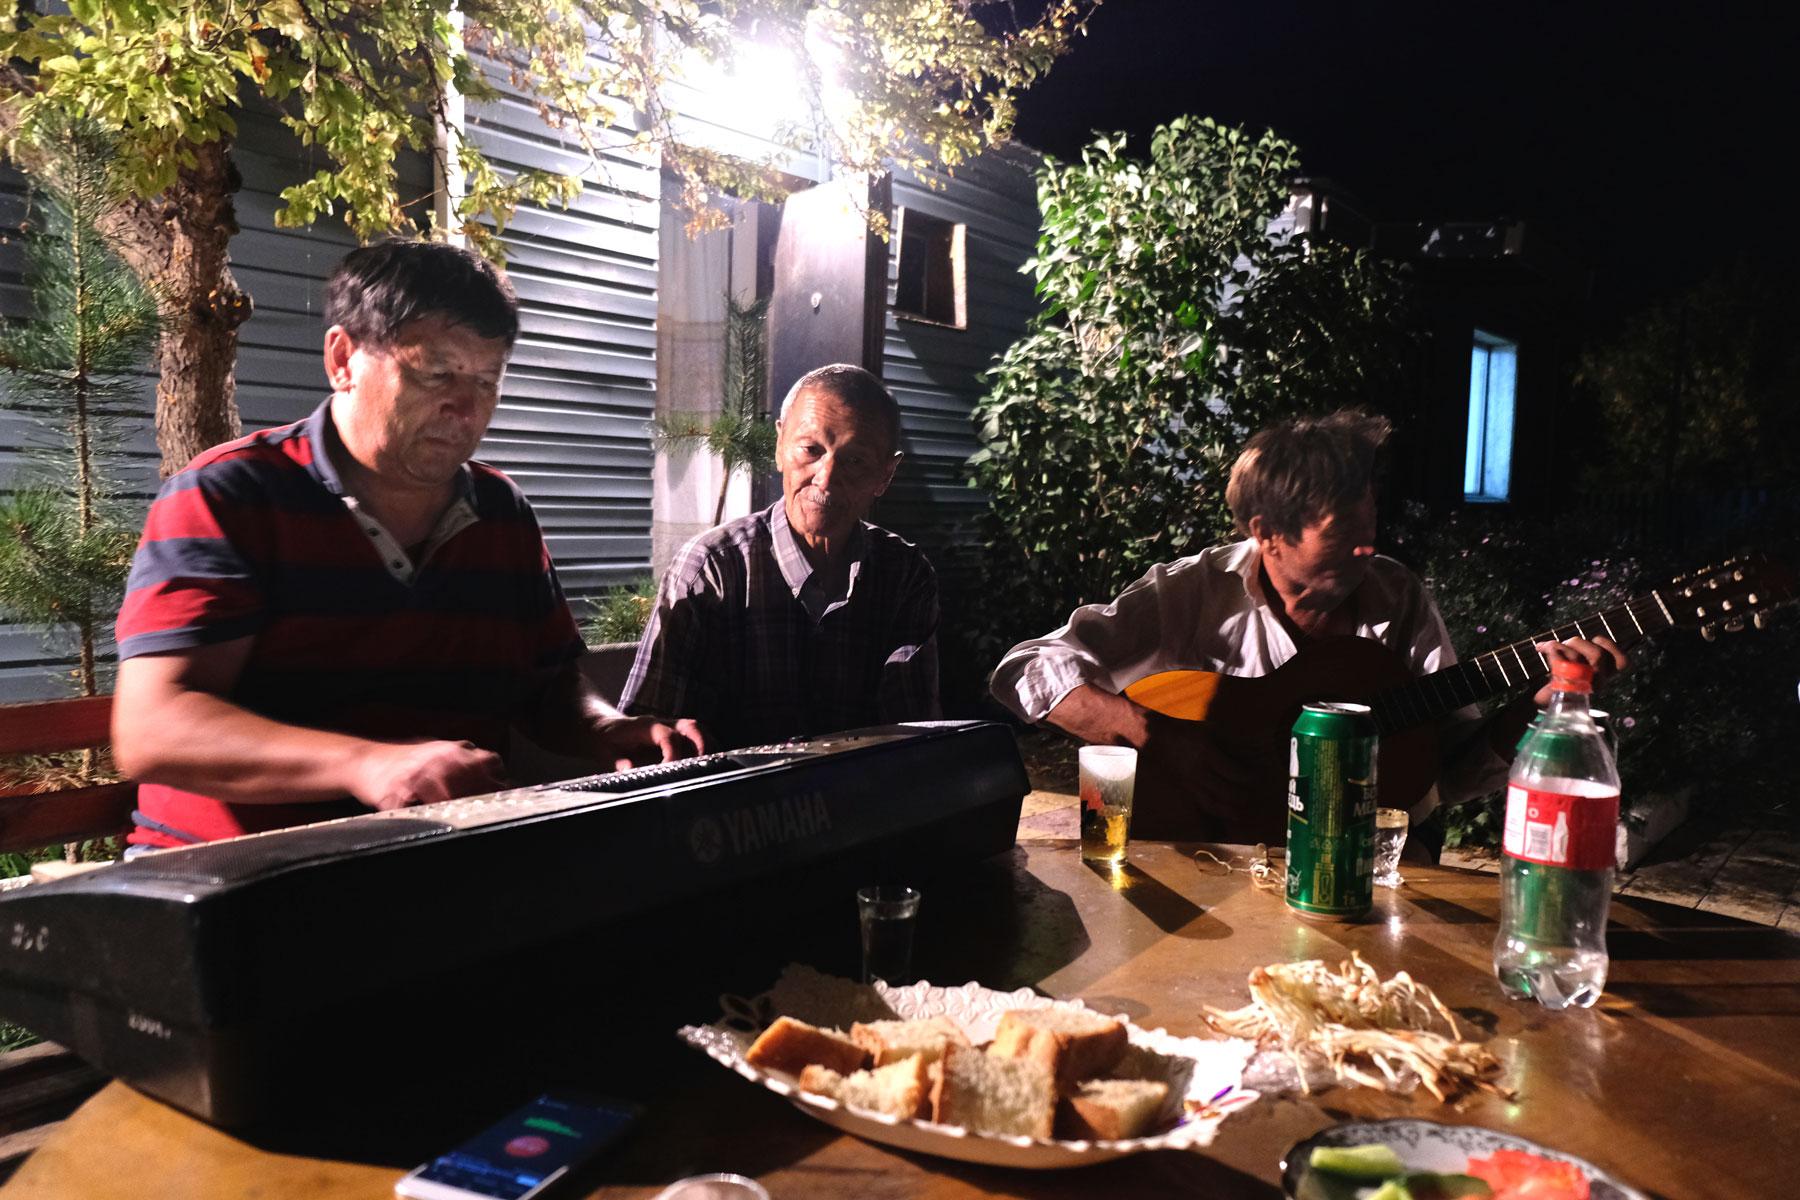 Ein Mann spielt in Korgalzhy Keyboard, ein anderer Mann spielt Gitarre.